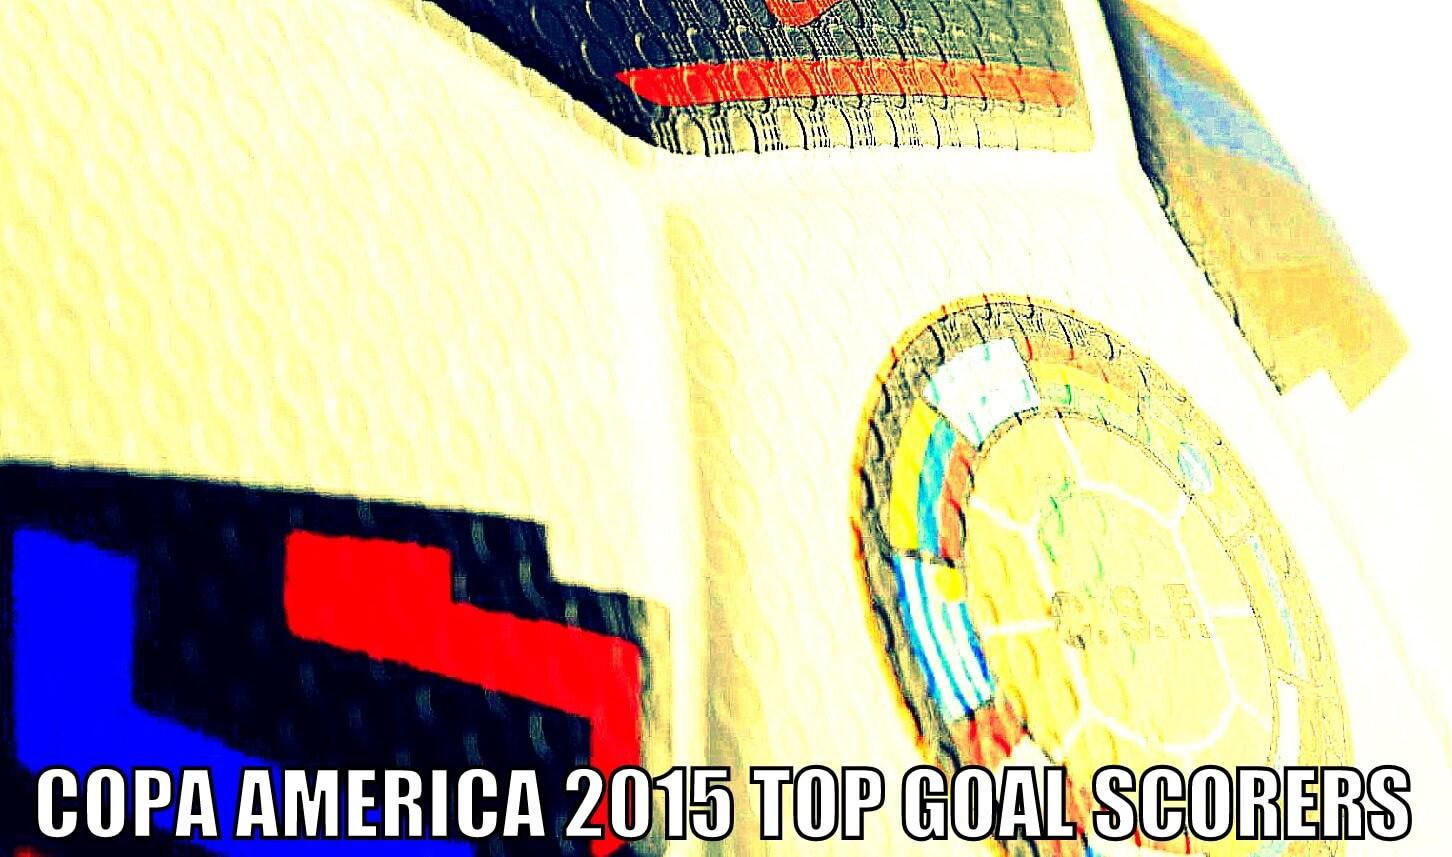 Copa America 2015 Top Goal Scorers